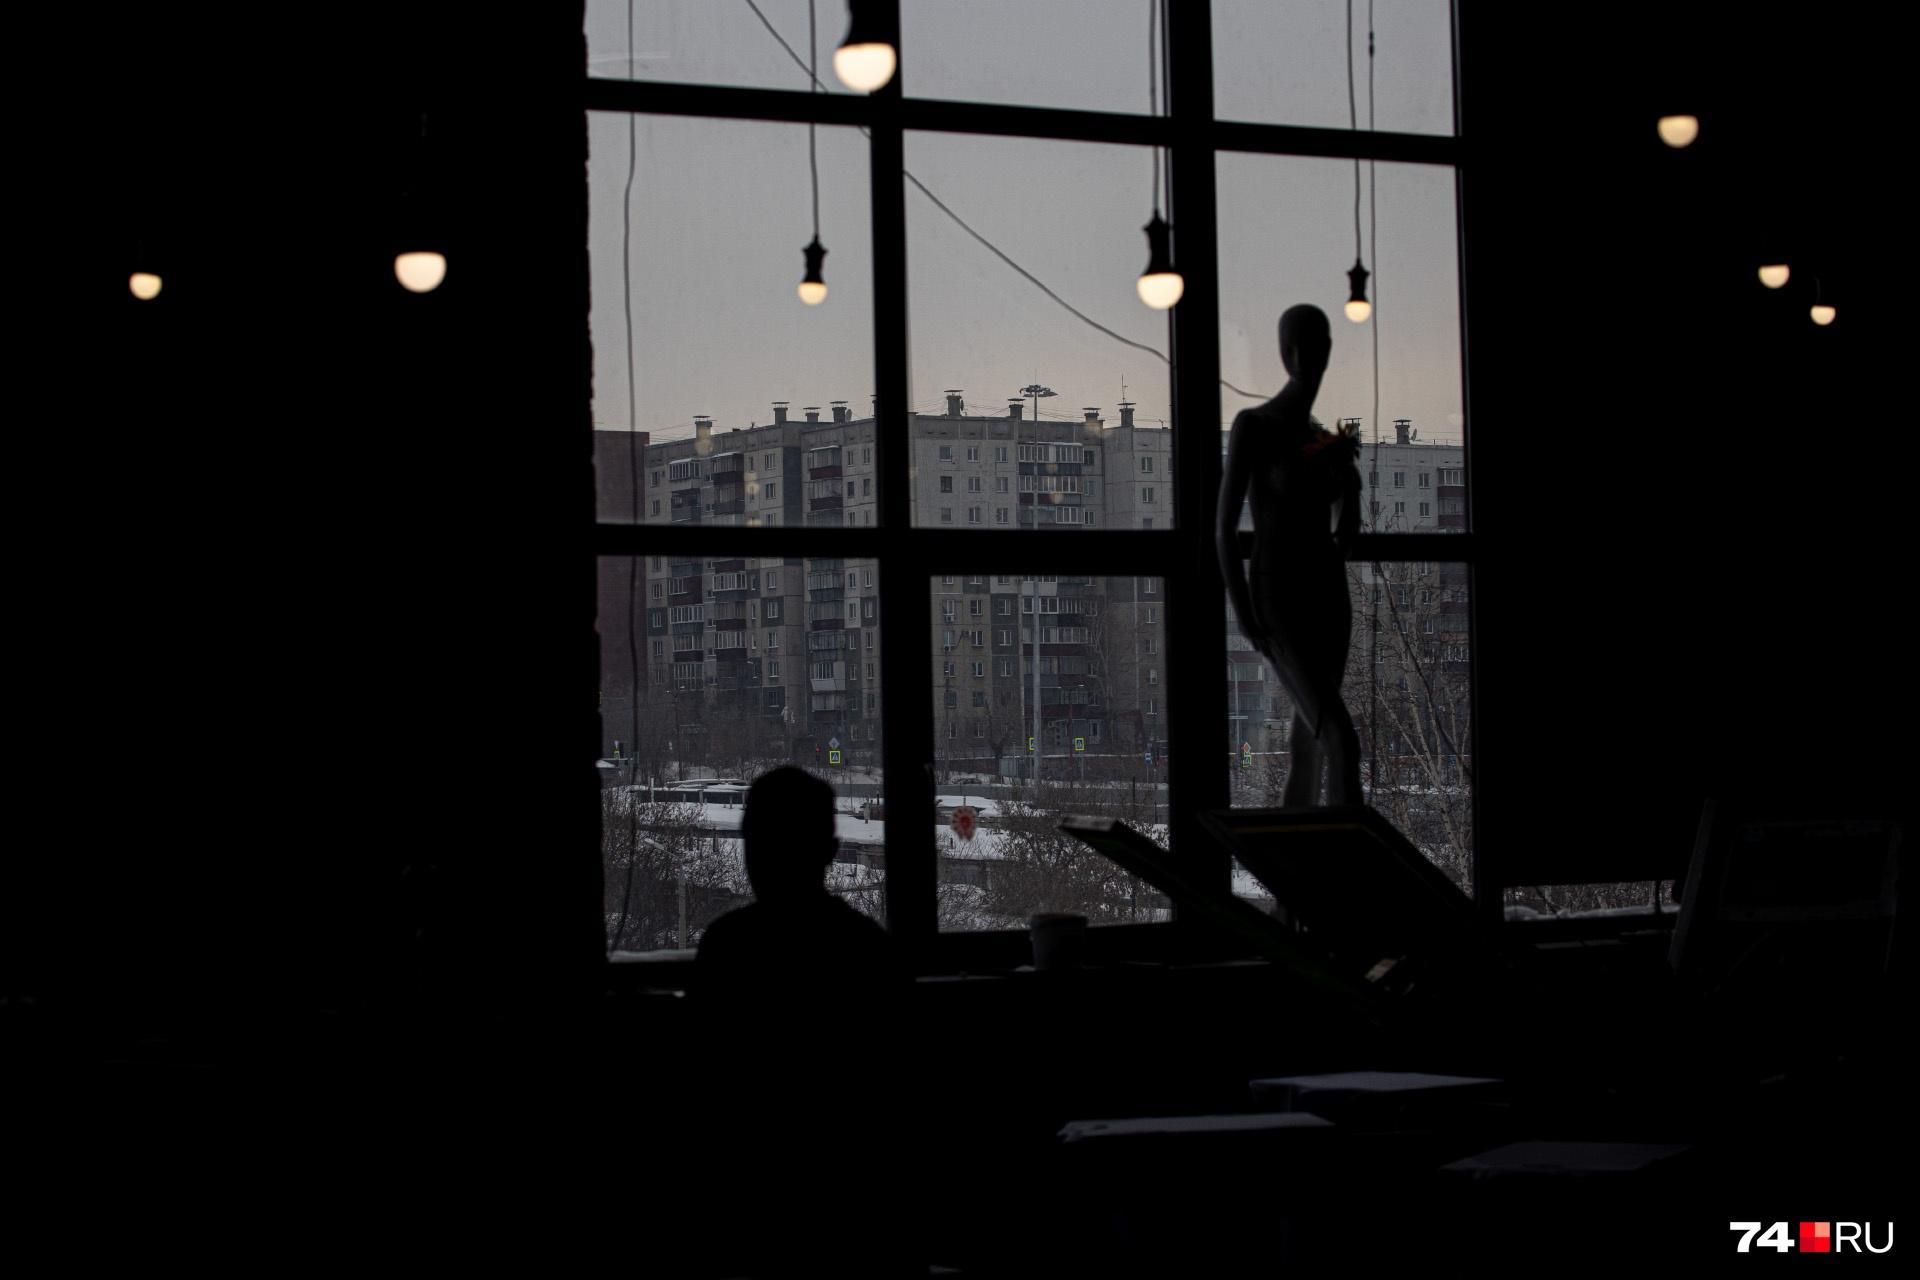 Смотреть на серые челябинские панельки из «Свободы2» немного странно